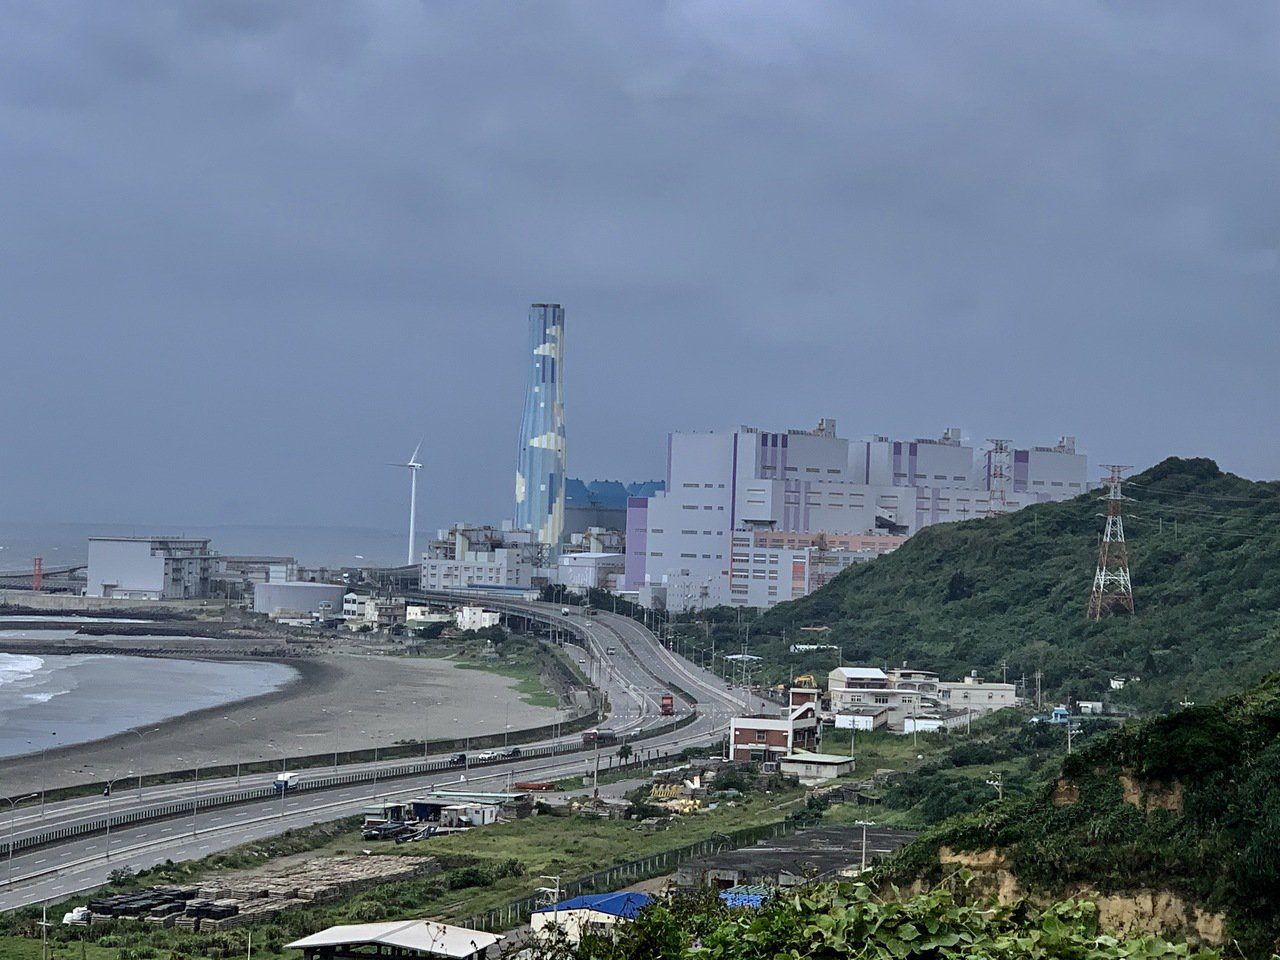 臨海缺乏屏障的林口火力發電廠是北部電力主要來源,近年擴建3部高效率超超臨界發電機...